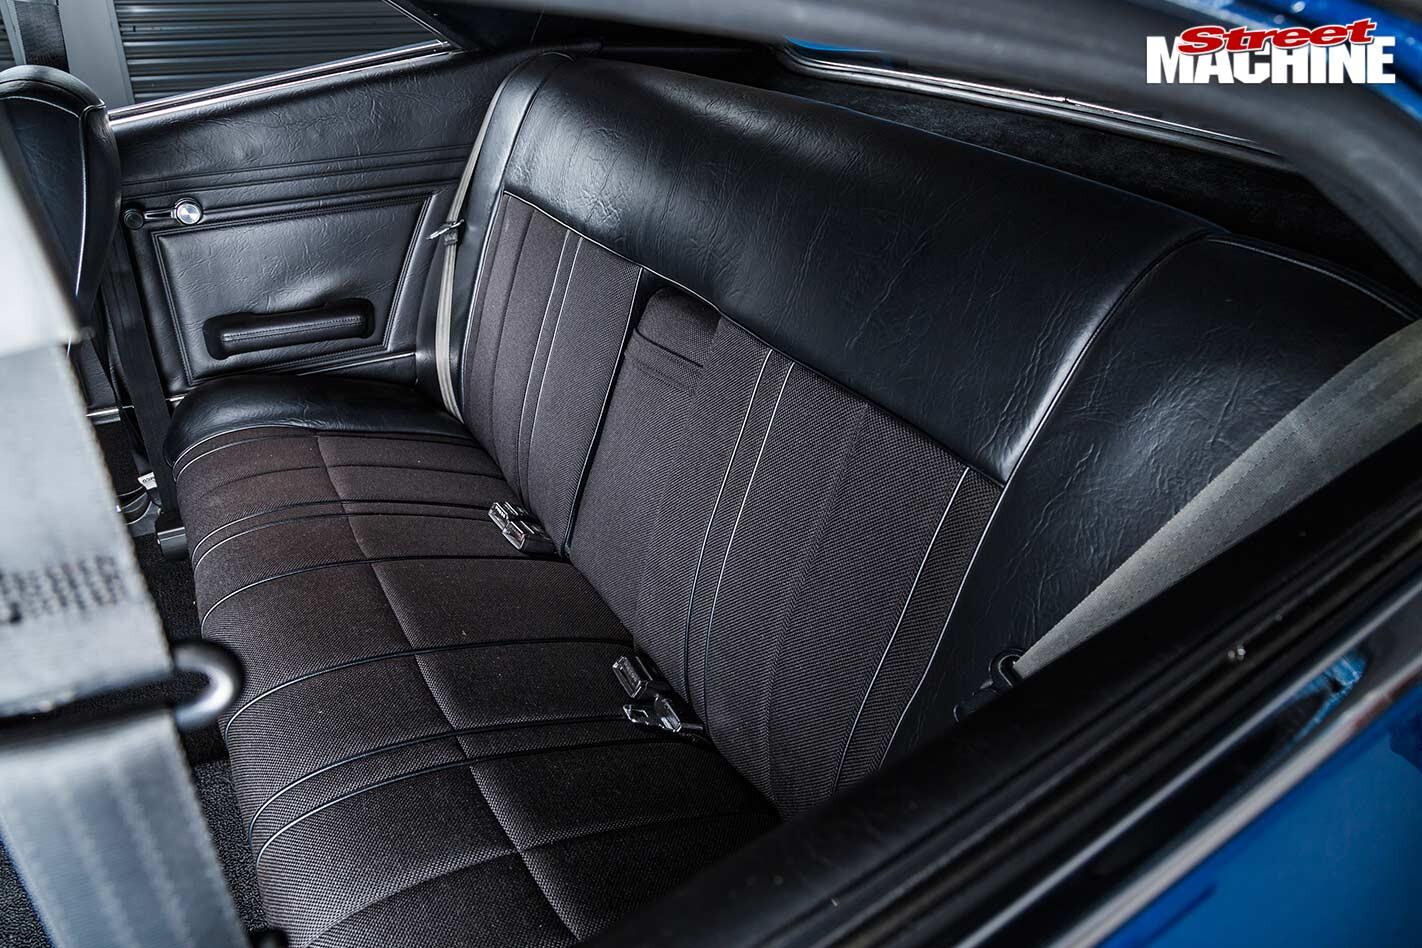 Ford Falcon XB interior rear